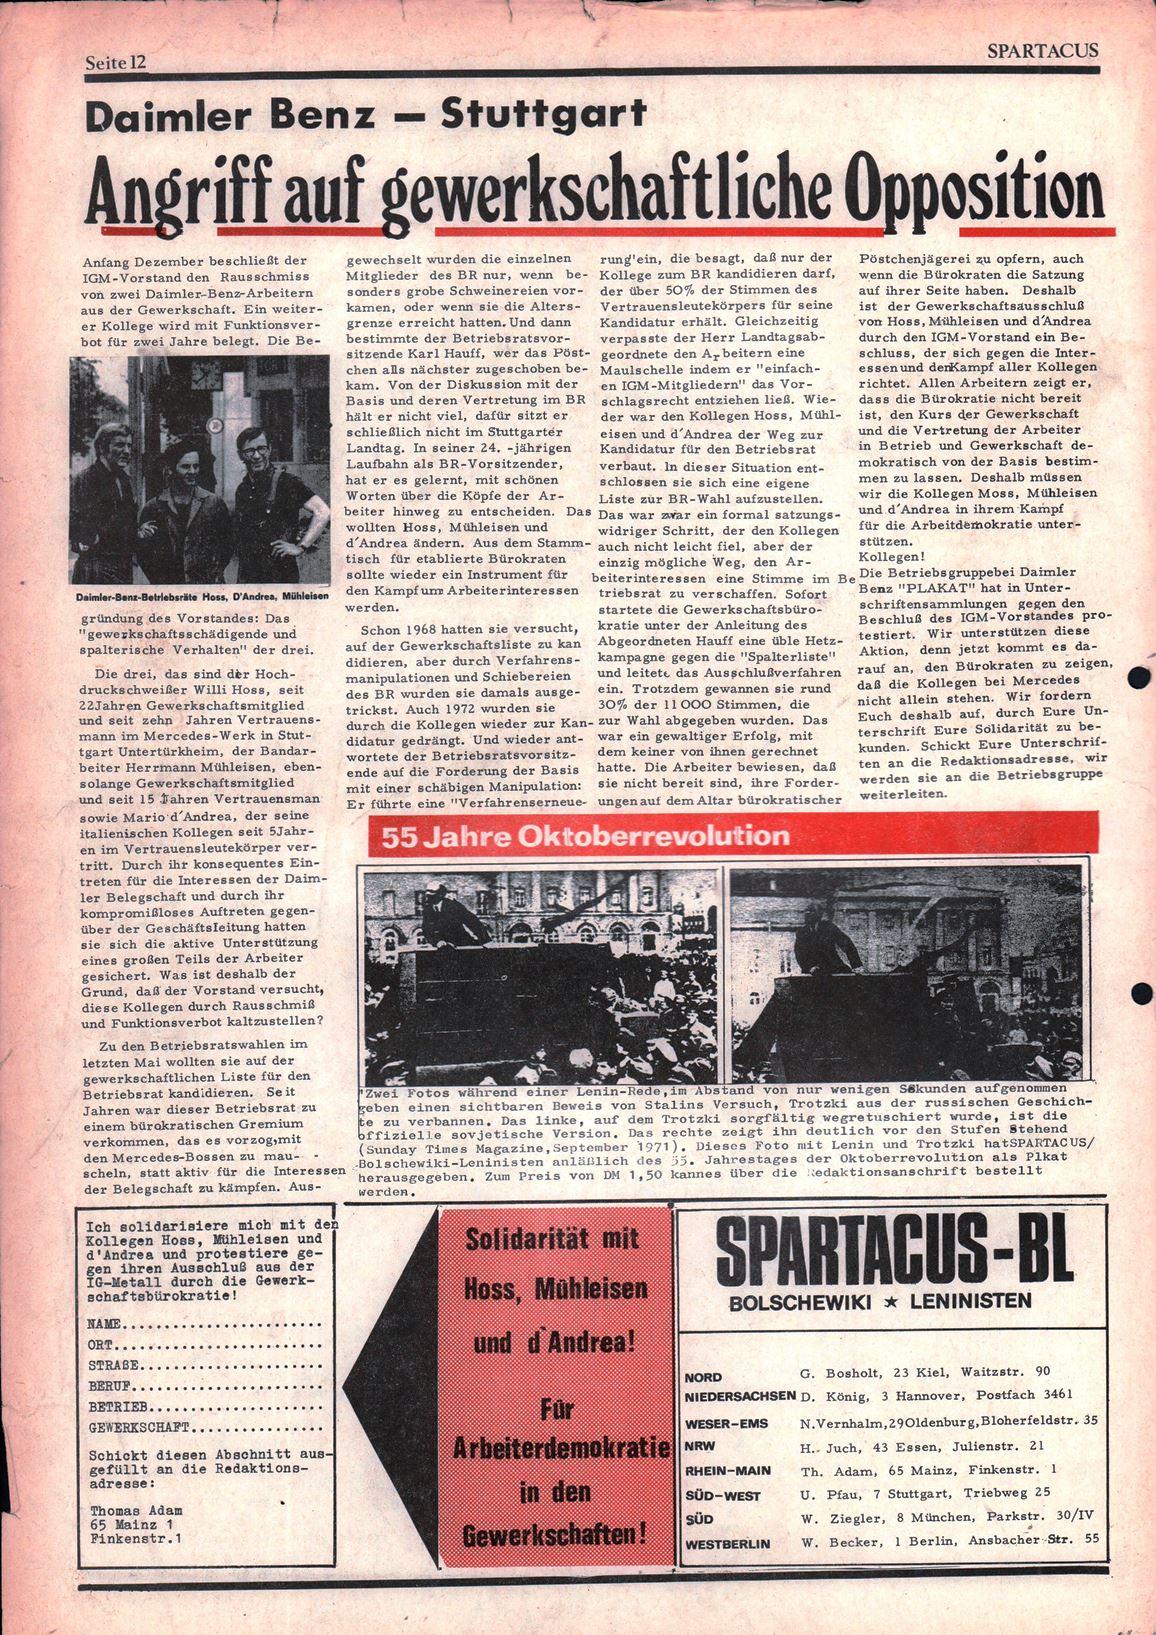 Spartacus_ZO114